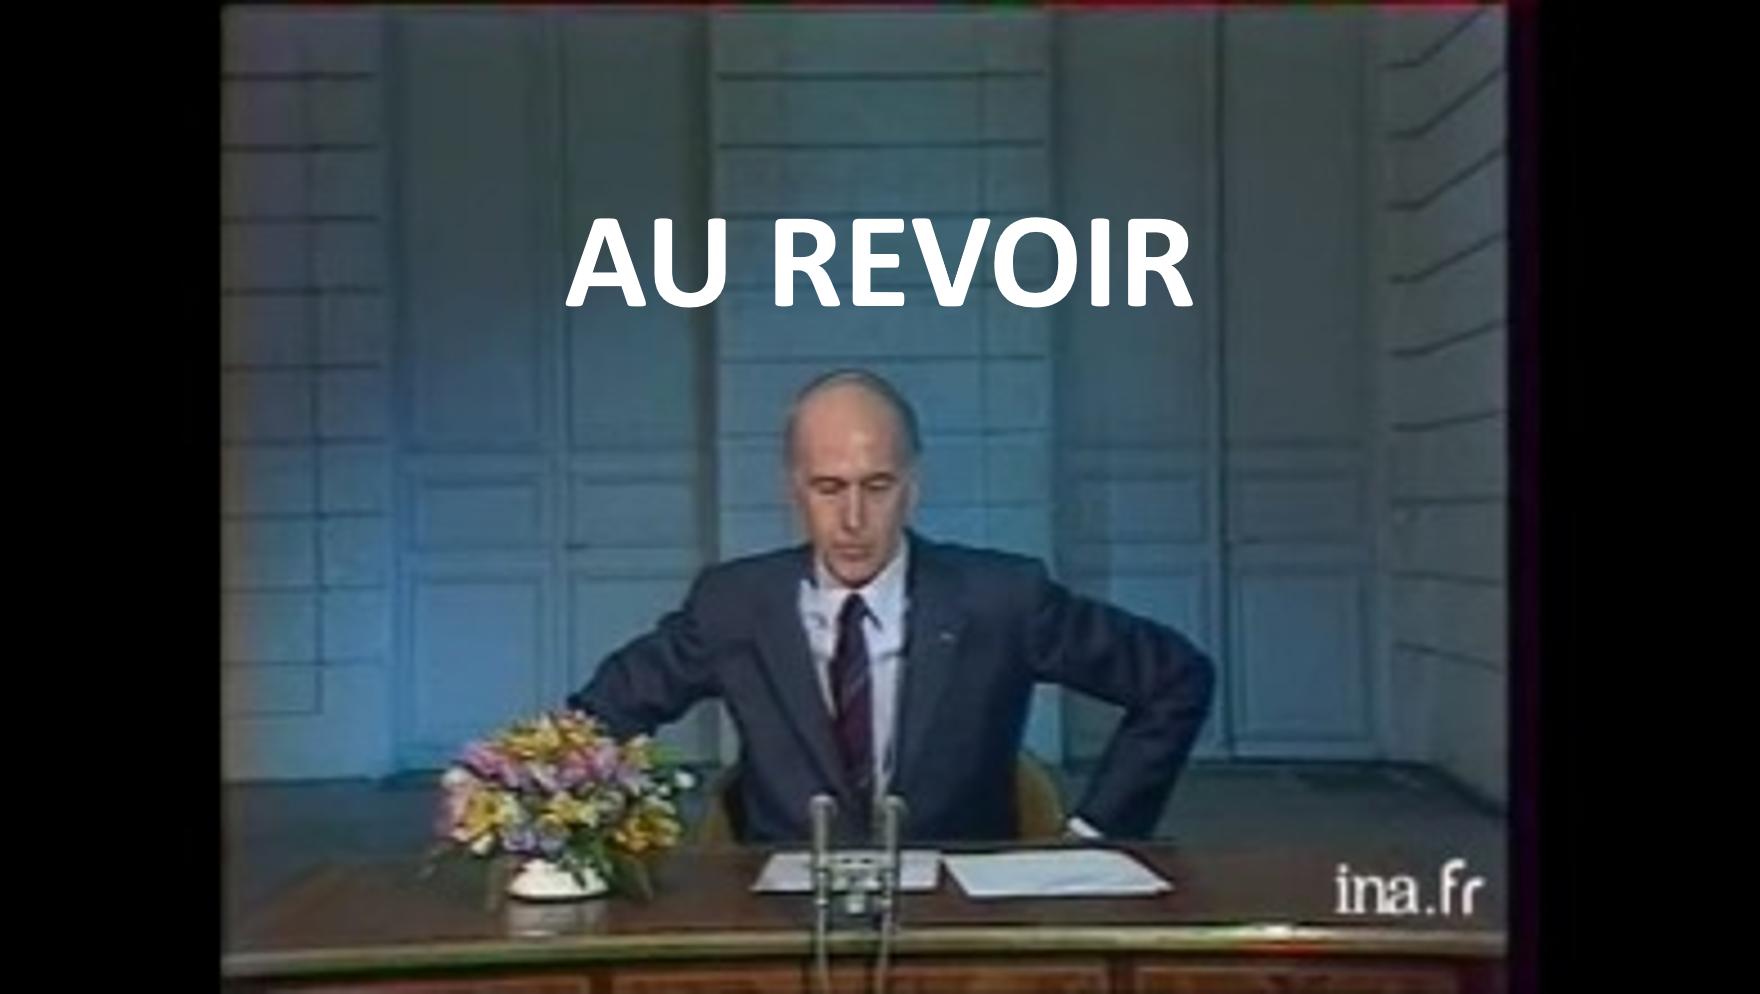 Frais D Ouverture Edf Trendy Nouvelles Heures Creuses